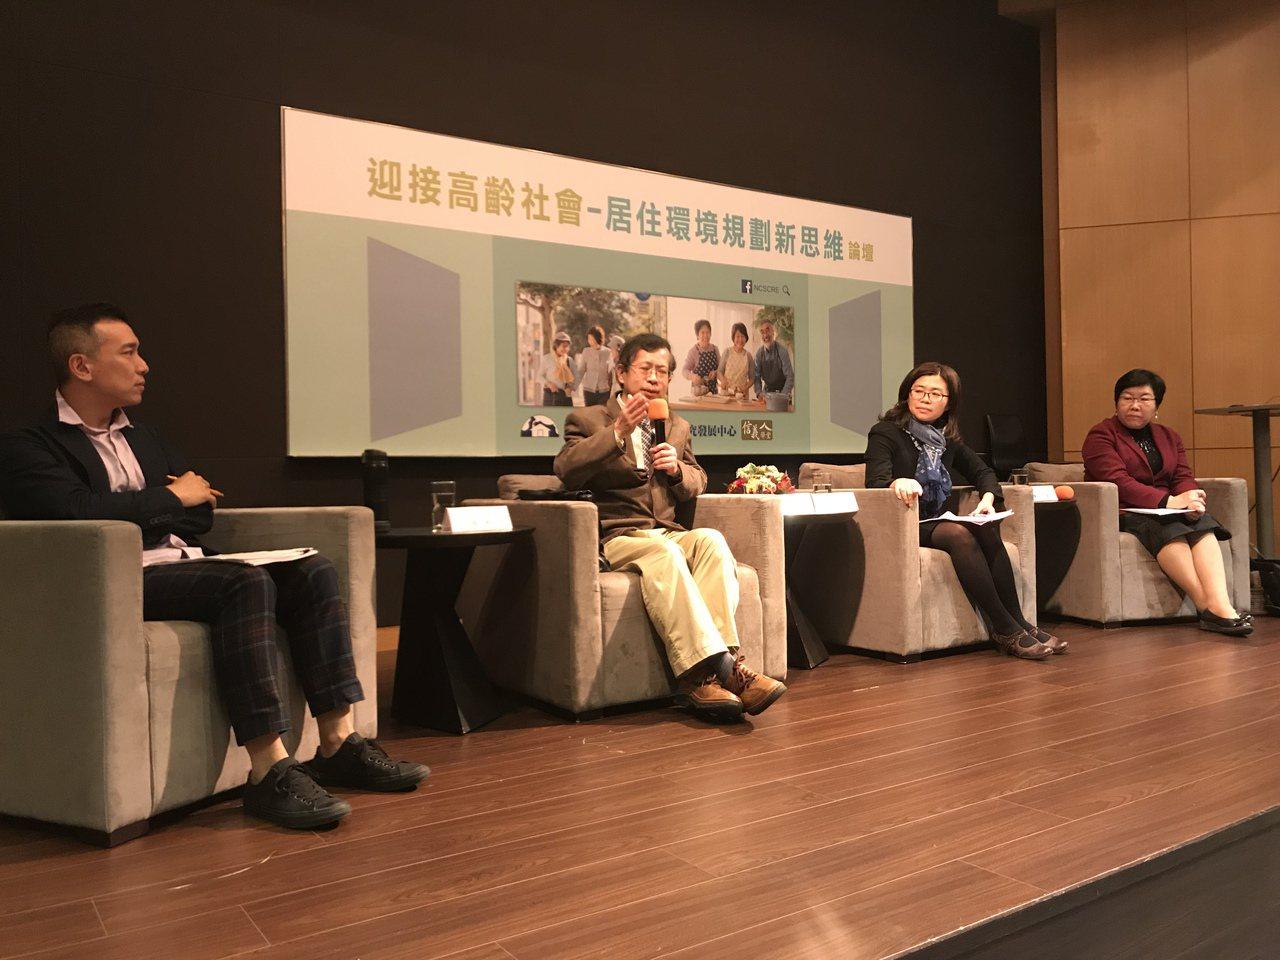 迎接高齡社會居住環境規劃新思維座談。記者游智文/攝影